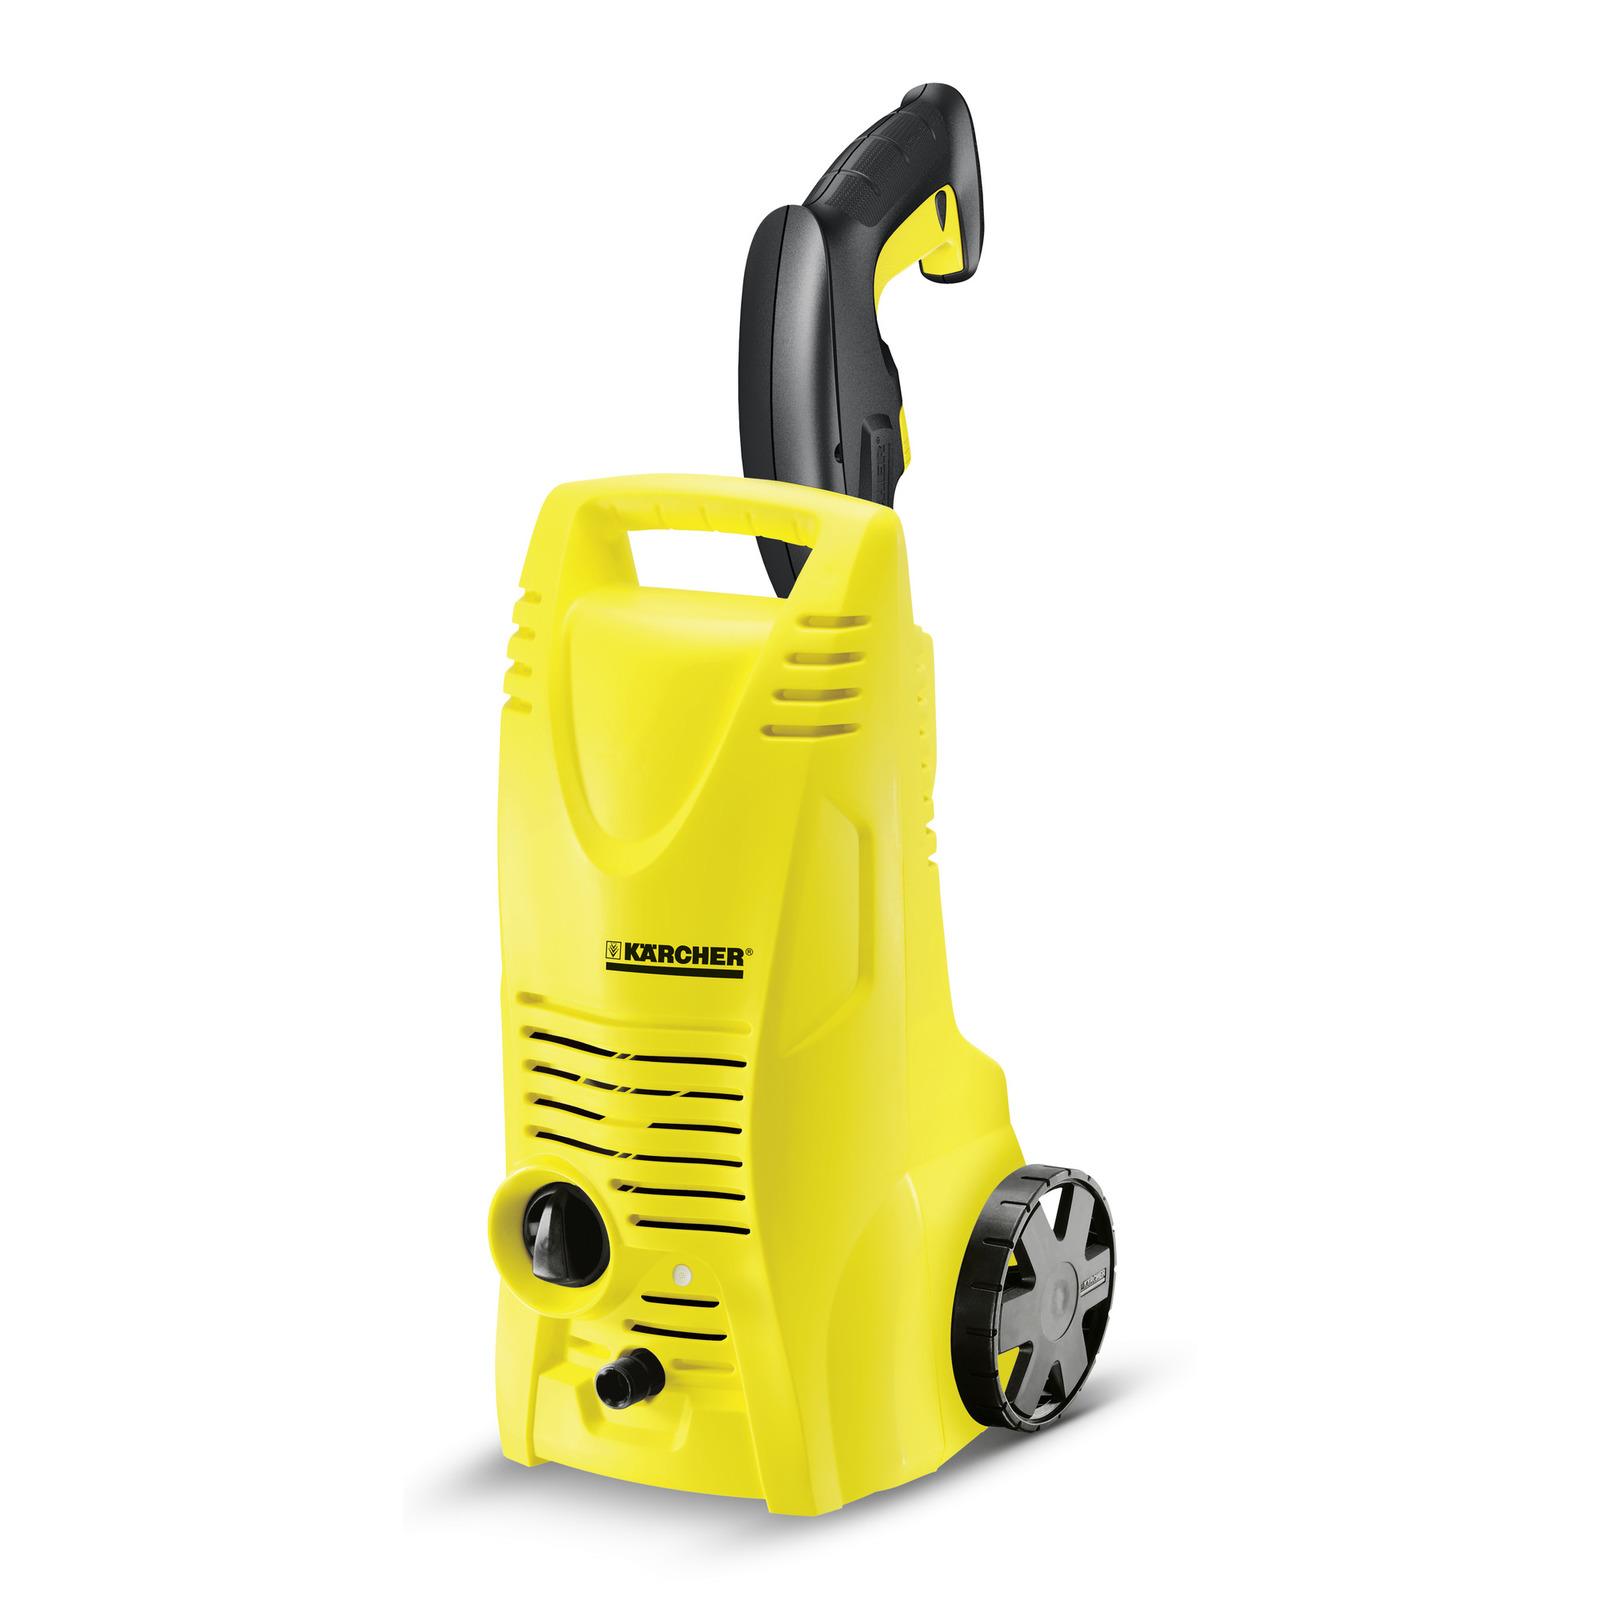 Bosch Aquatak Aqt 33 11 High Pressure Cleaner Listrik Sabun Scs Ghp 5 14 Krcher Washer K 221 M